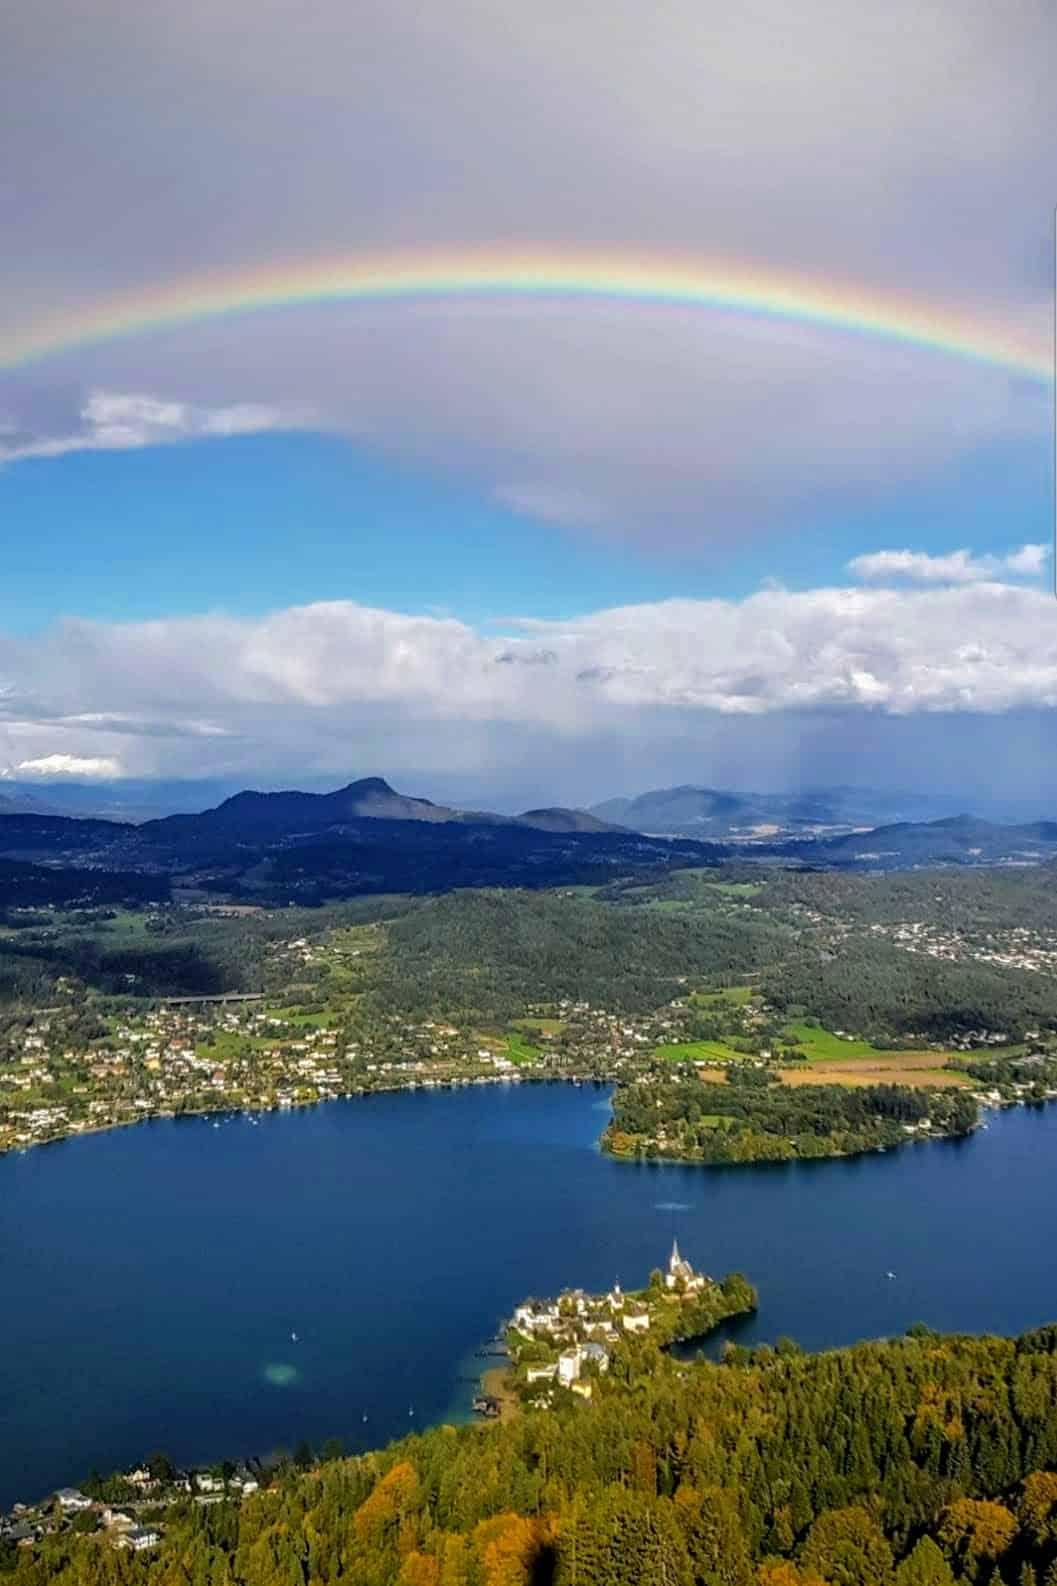 Regenbogen über Maria Wörth am Wörthersee in Kärnten. Blick vom Pyramidenkogel - Ausflugsziel in Kärnten, Österreich.